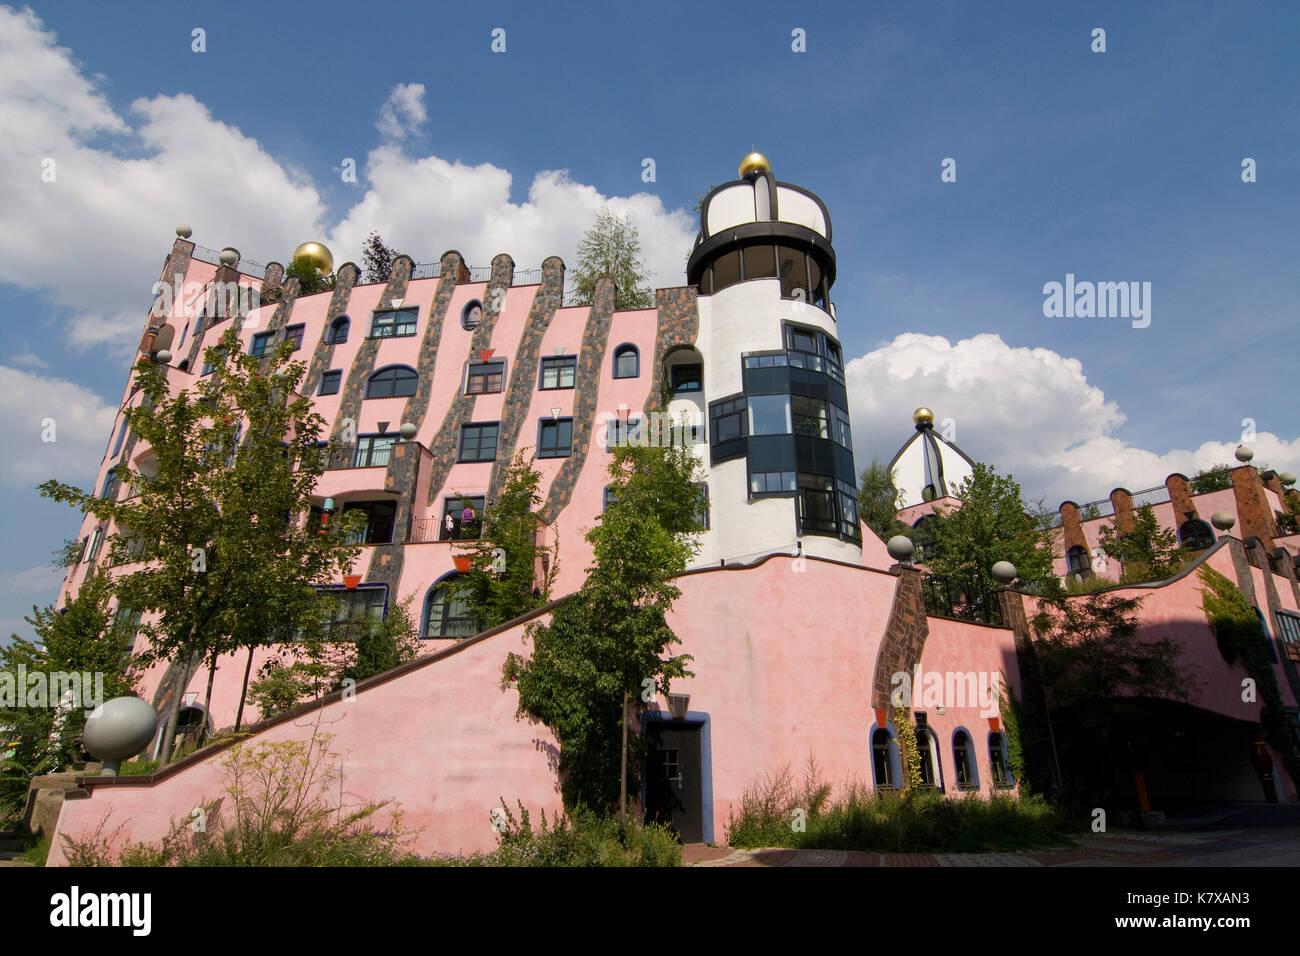 """die """"Grüne Zitadelle"""" in Magedeburg (Hundertwasser-Architektur) Stock Photo"""